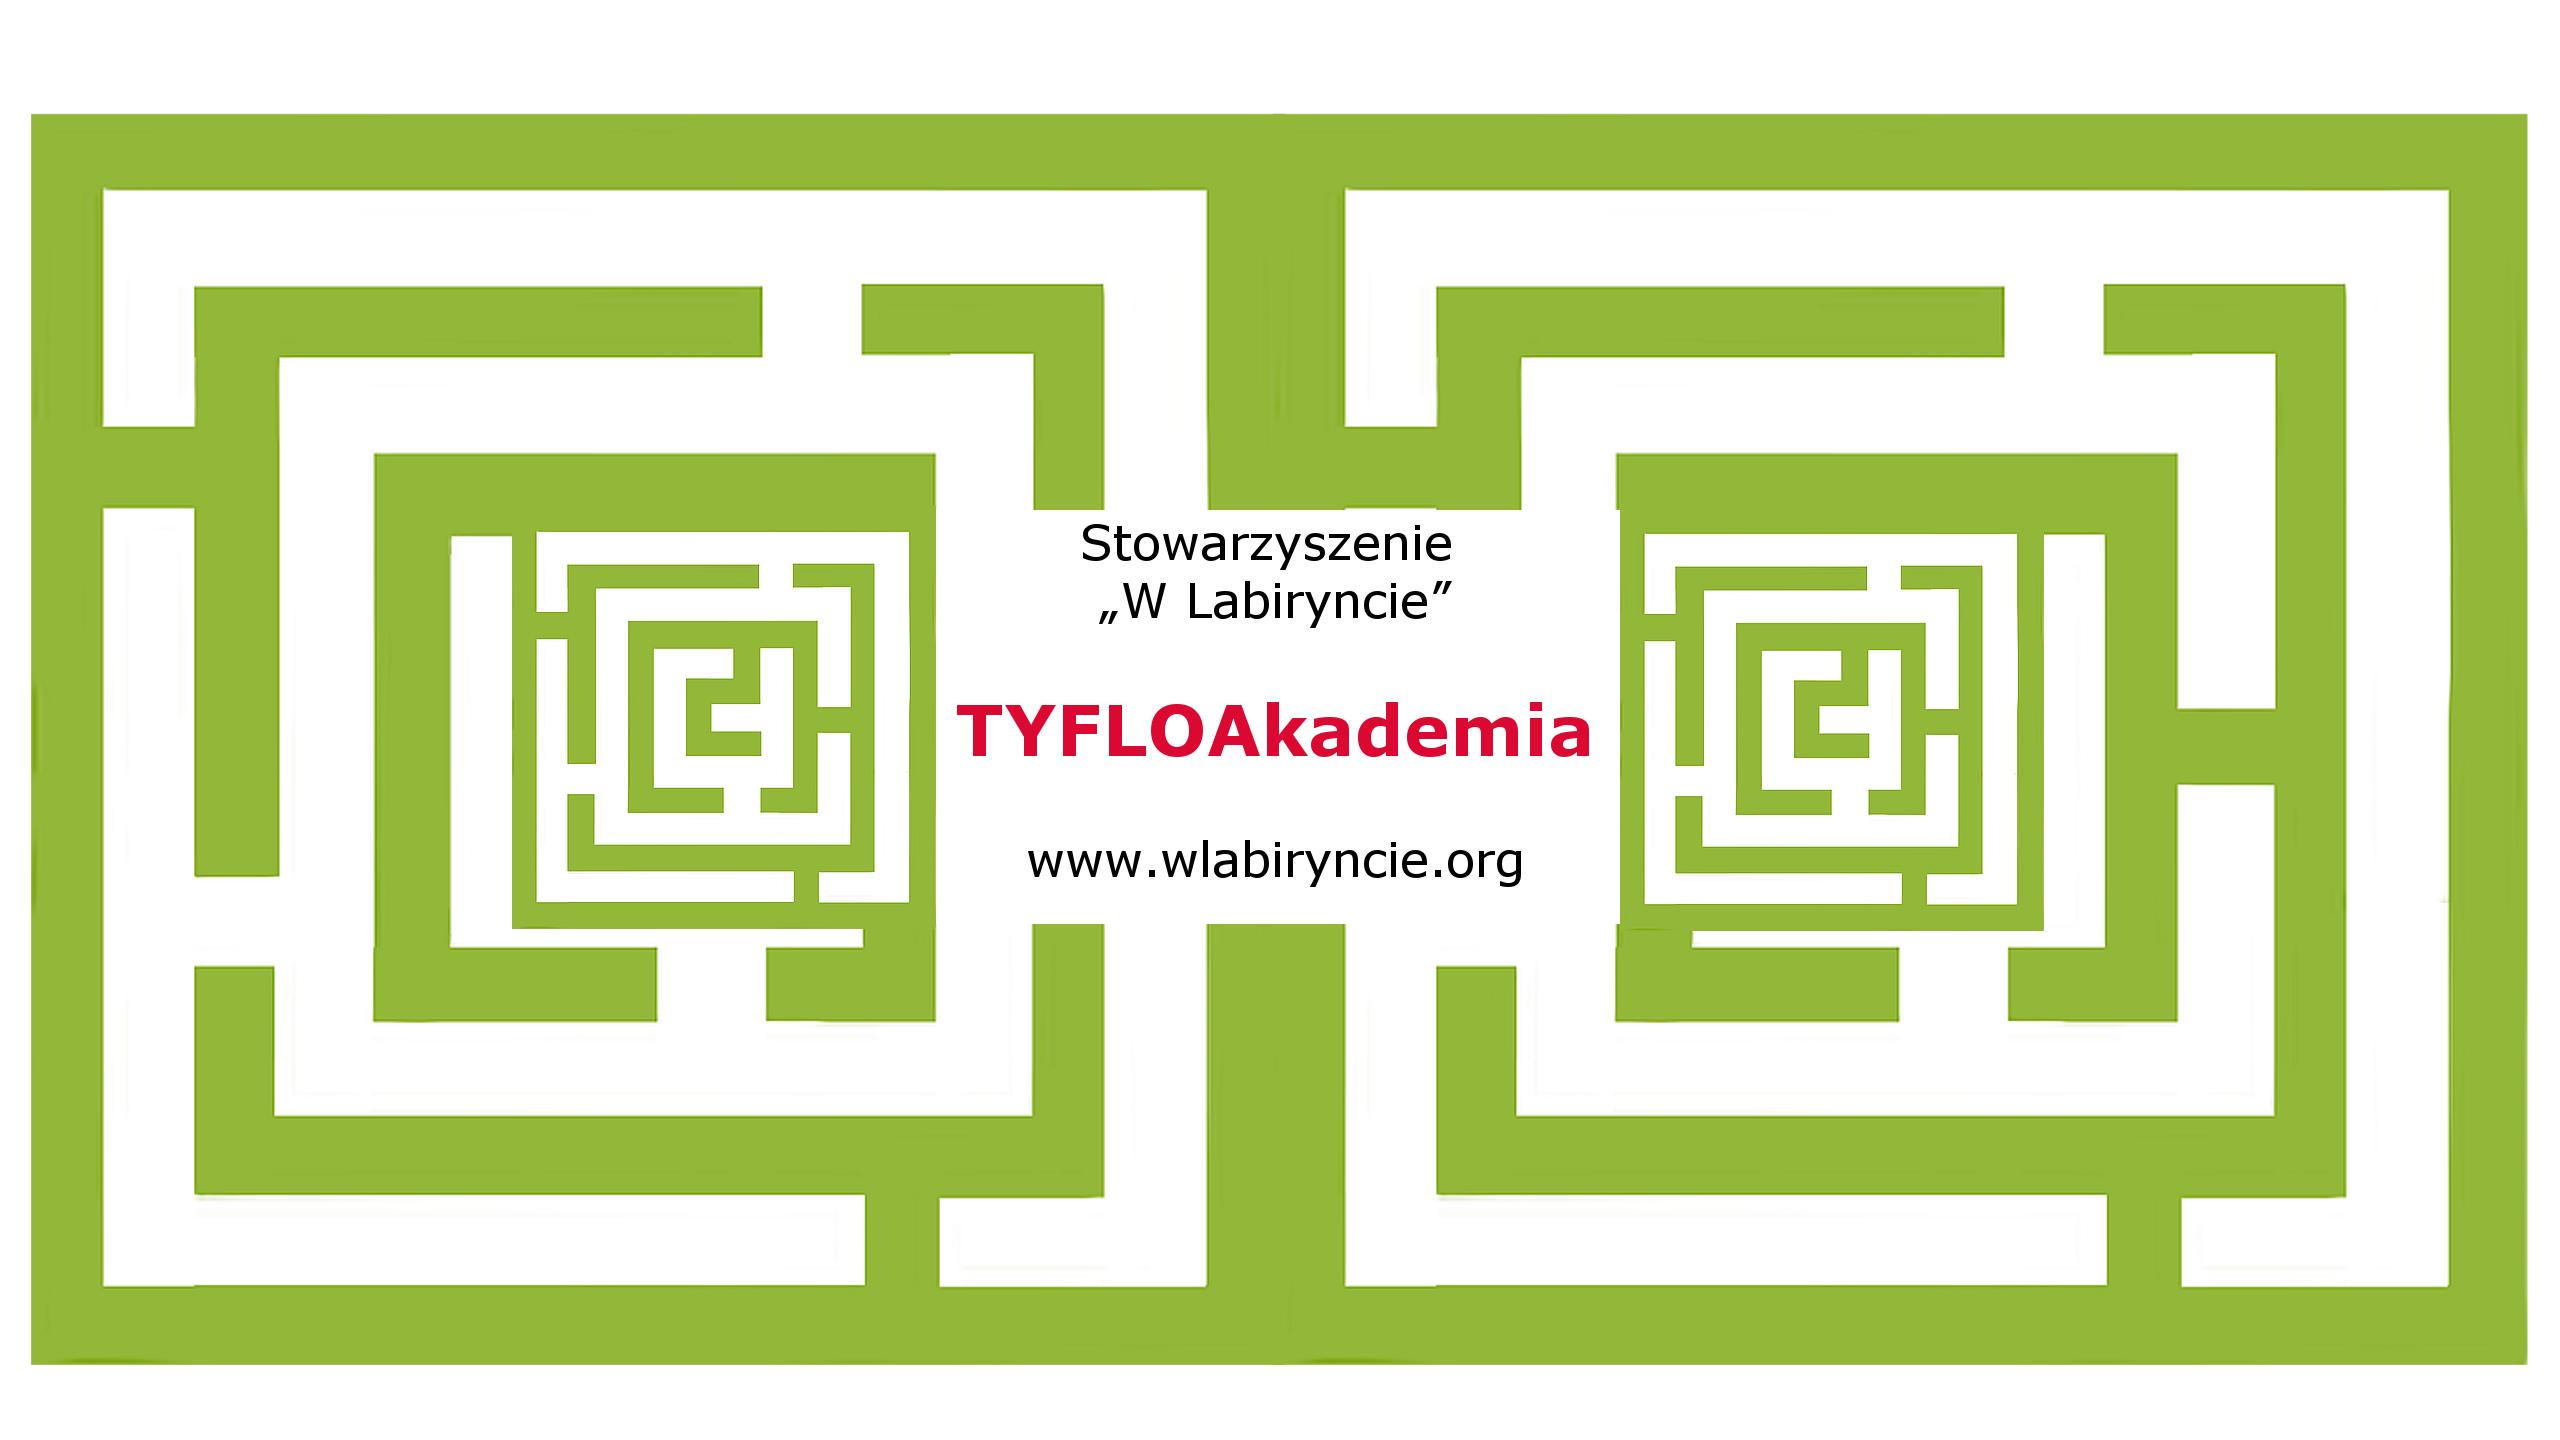 Logotyp dwa zielone kwadratowe labirynty. Między nimi nachodzi czerwony napis TYFLOAkademia